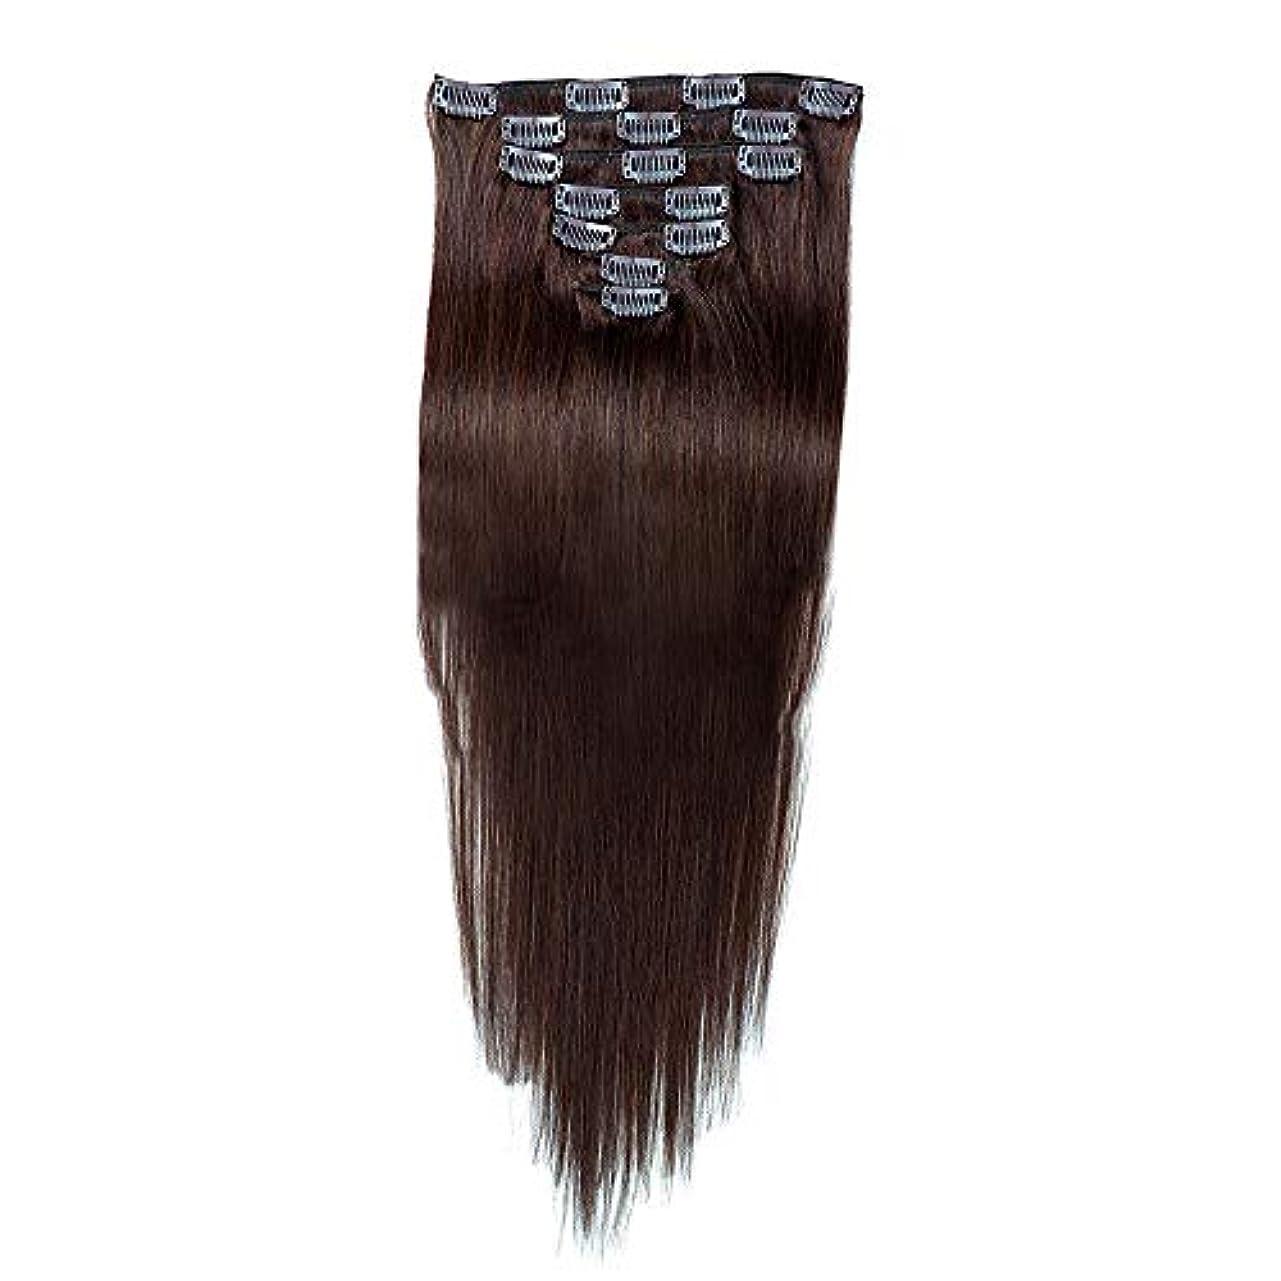 ふくろうに話す上げる人間の髪の毛のエクステンションクリップレミーフルヘッドダブル横糸ストレートヘアピース。 (7個、#2ダークブラウン、20インチ、70g) モデリングツール (色 : #2 Dark Brown)